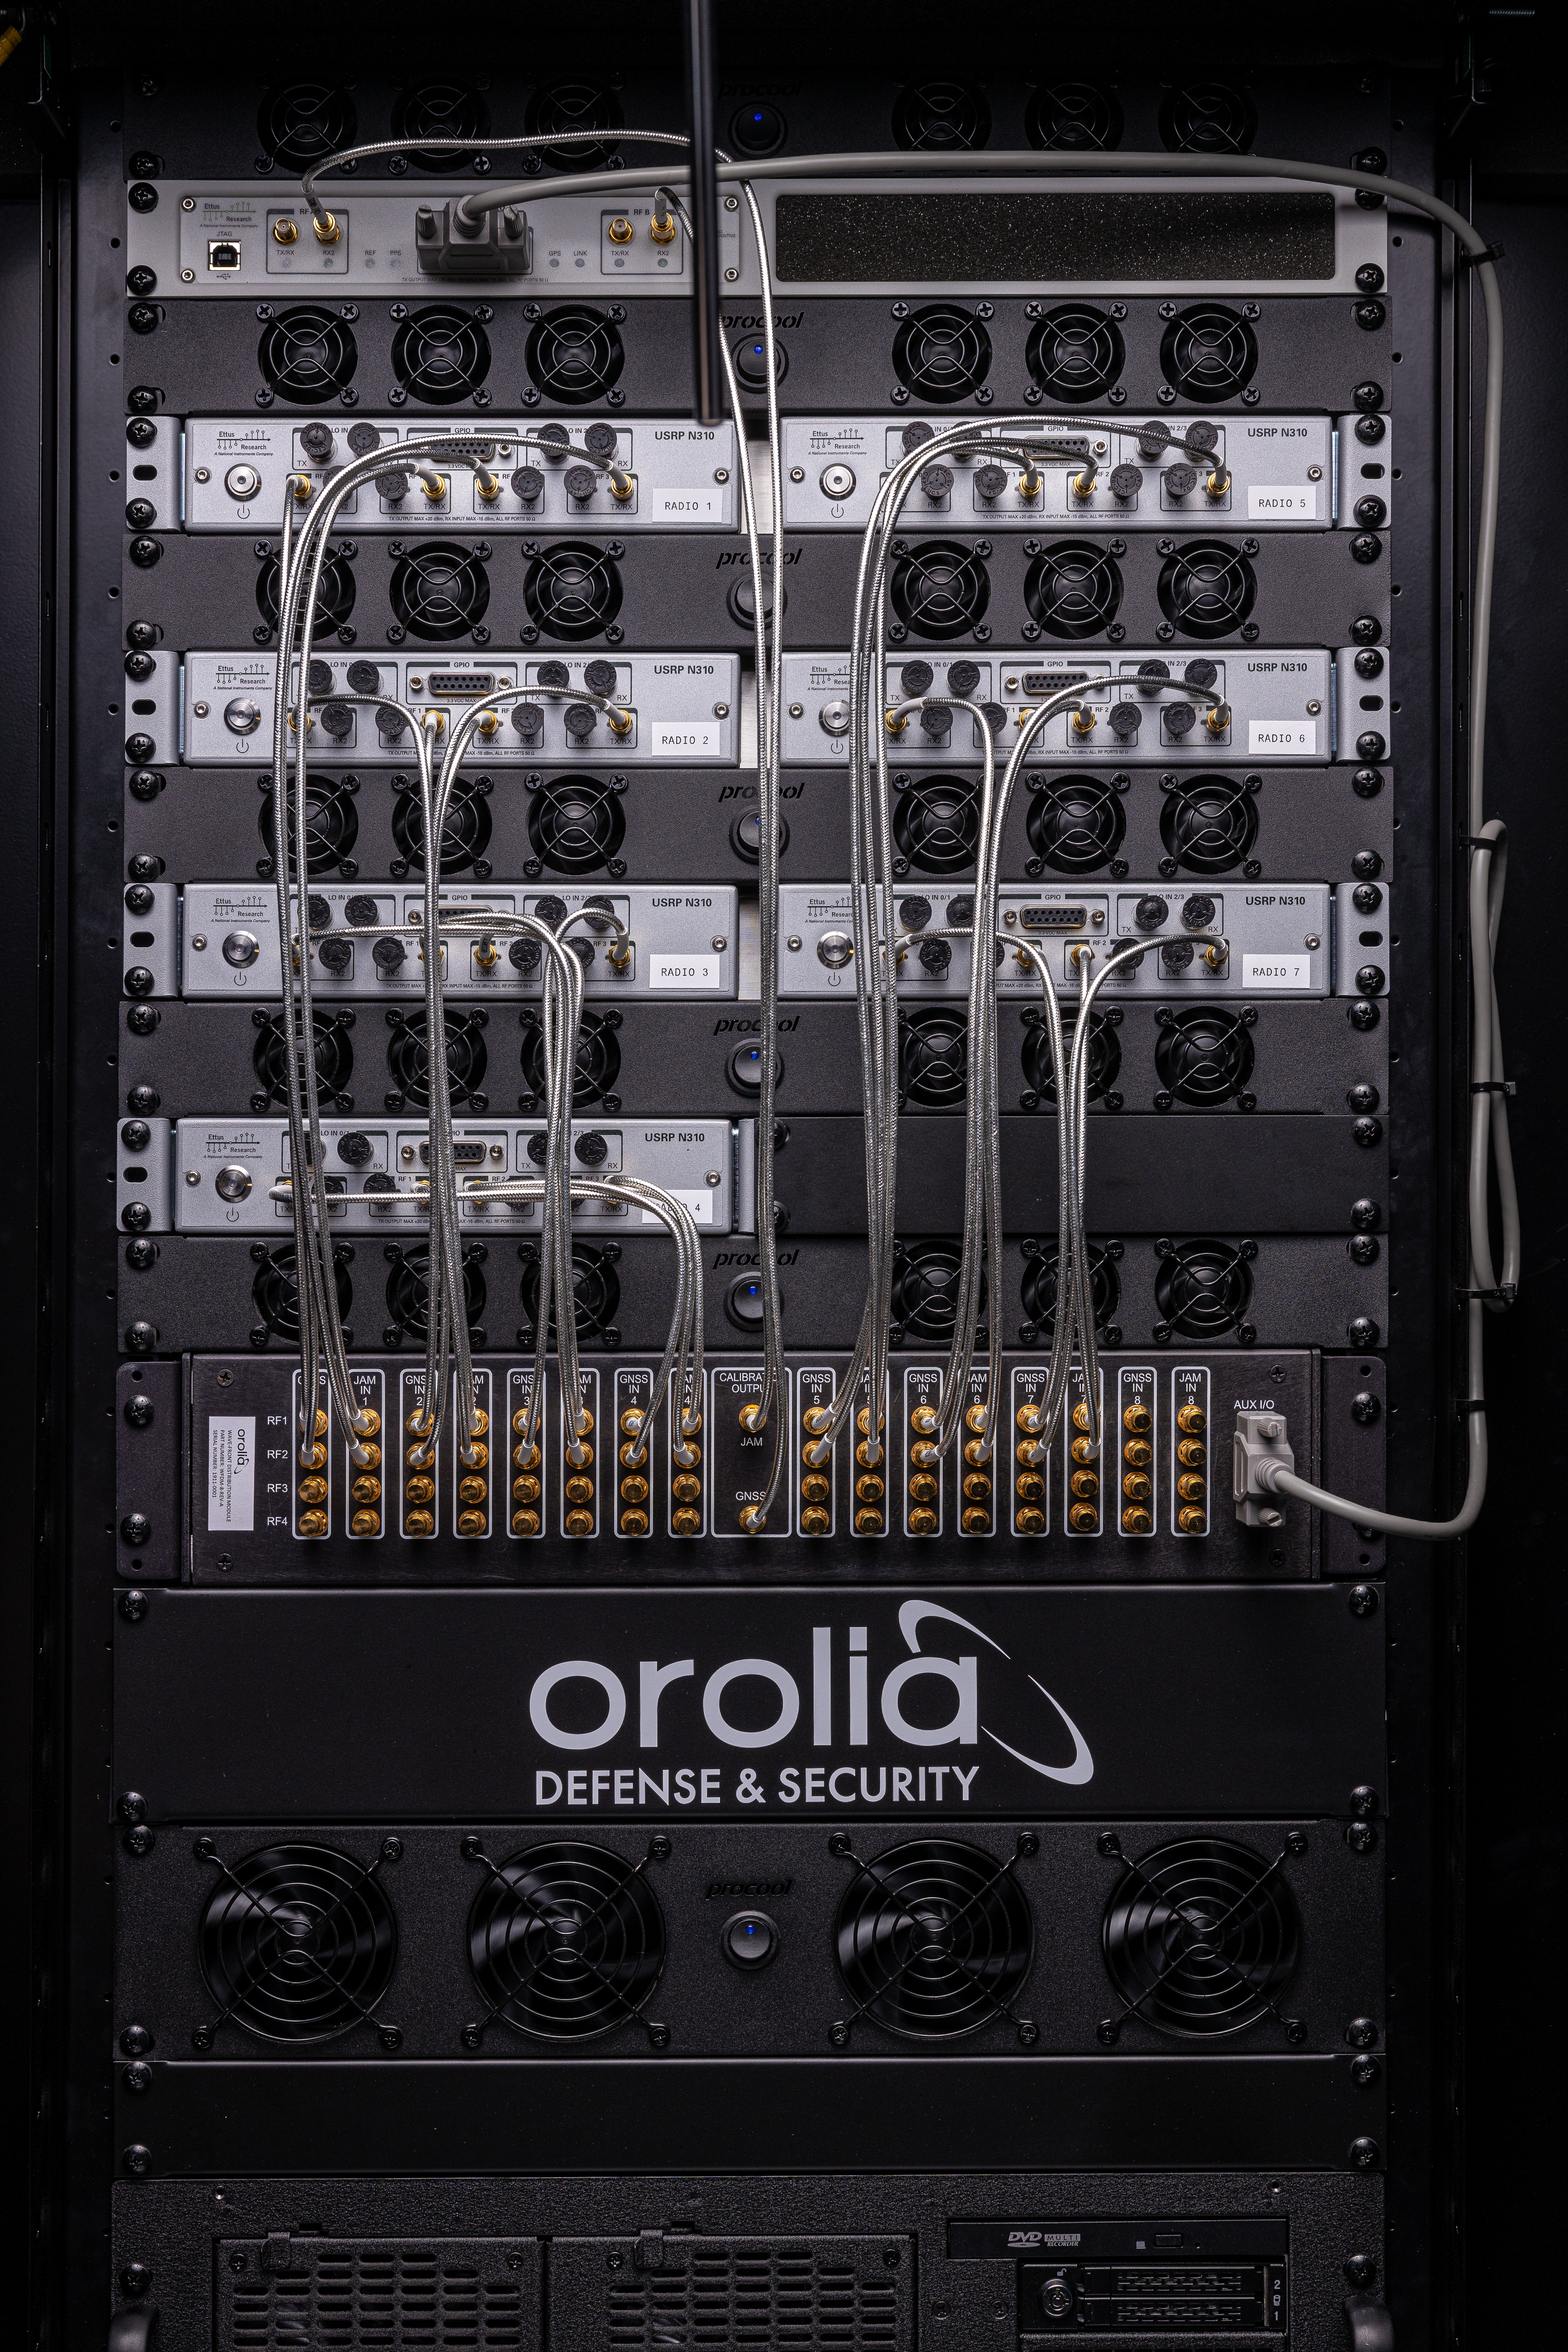 Orolia_004